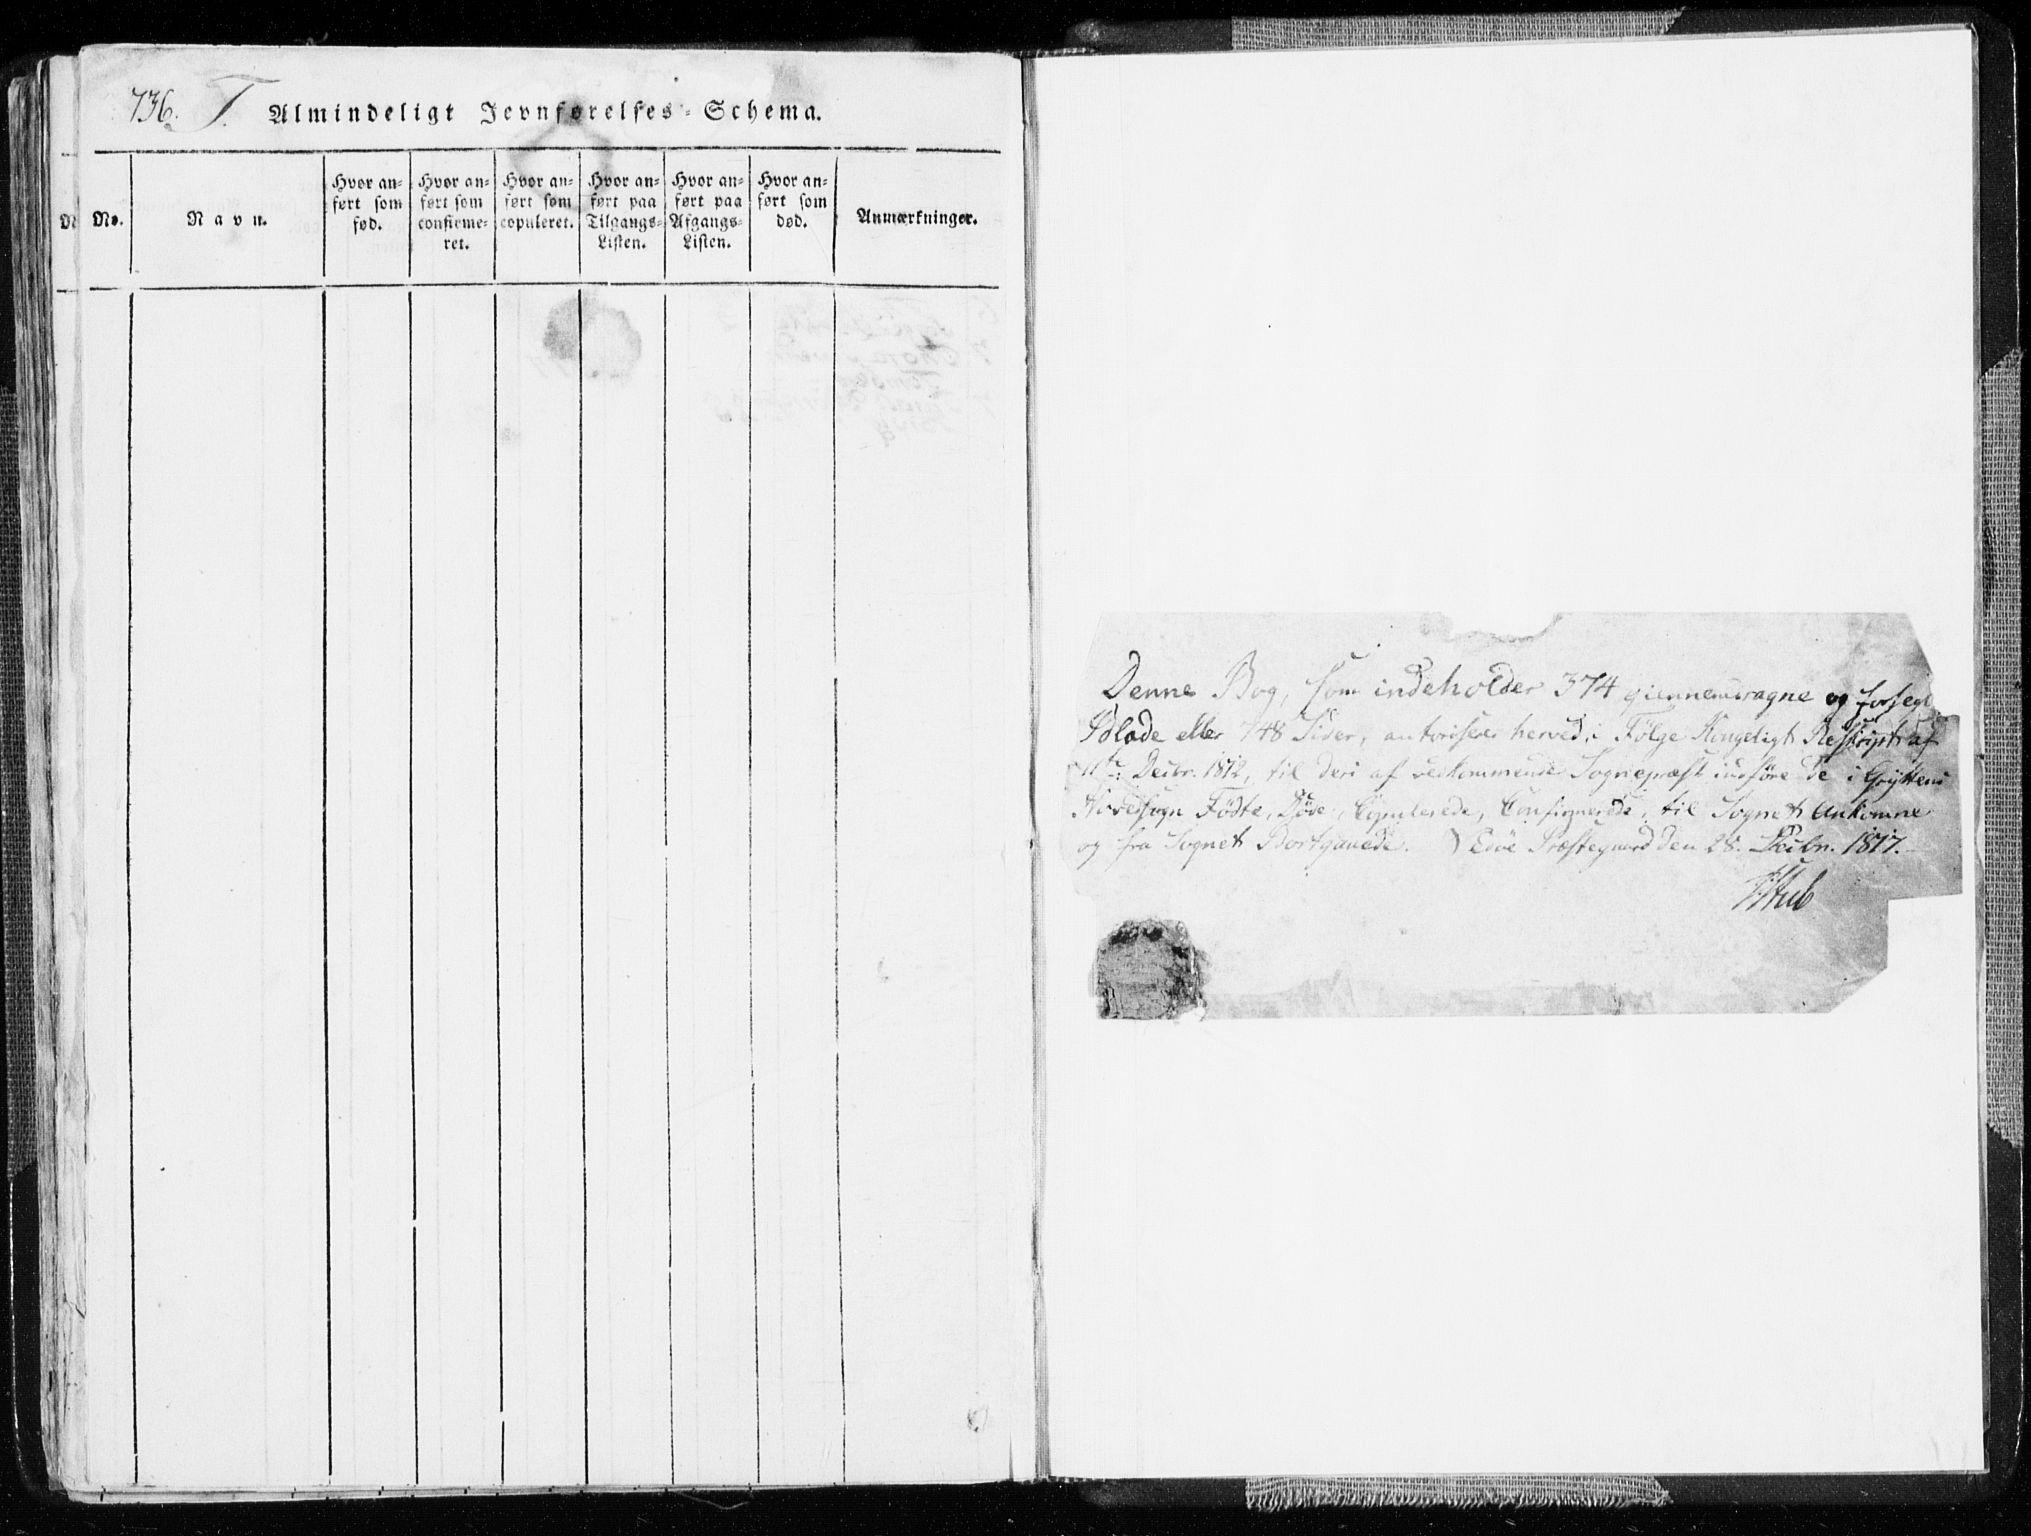 SAT, Ministerialprotokoller, klokkerbøker og fødselsregistre - Møre og Romsdal, 544/L0571: Ministerialbok nr. 544A04, 1818-1853